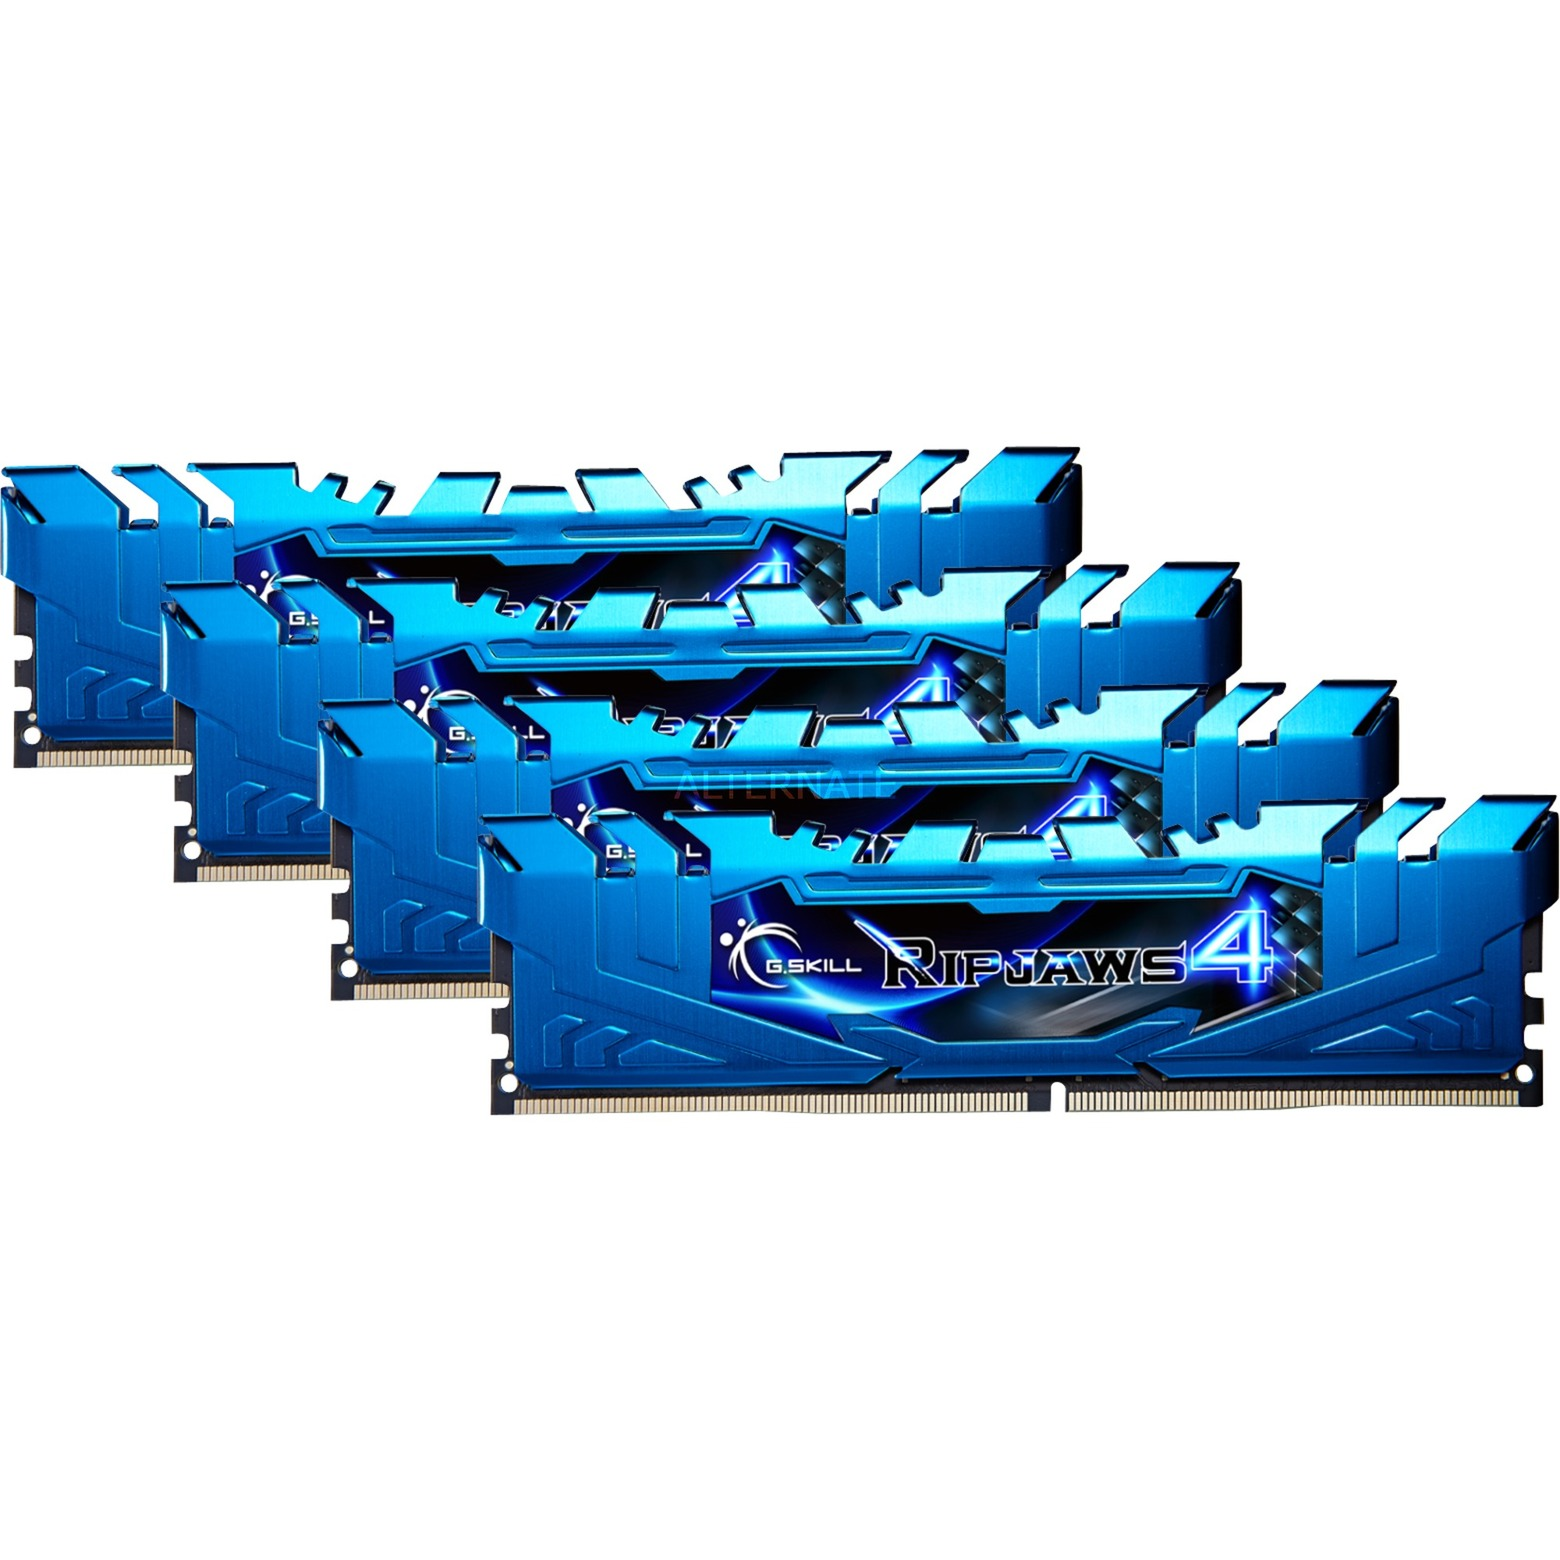 Ripjaws 16GB DDR4-2133Mhz 16Go DDR4 2133MHz module de mémoire